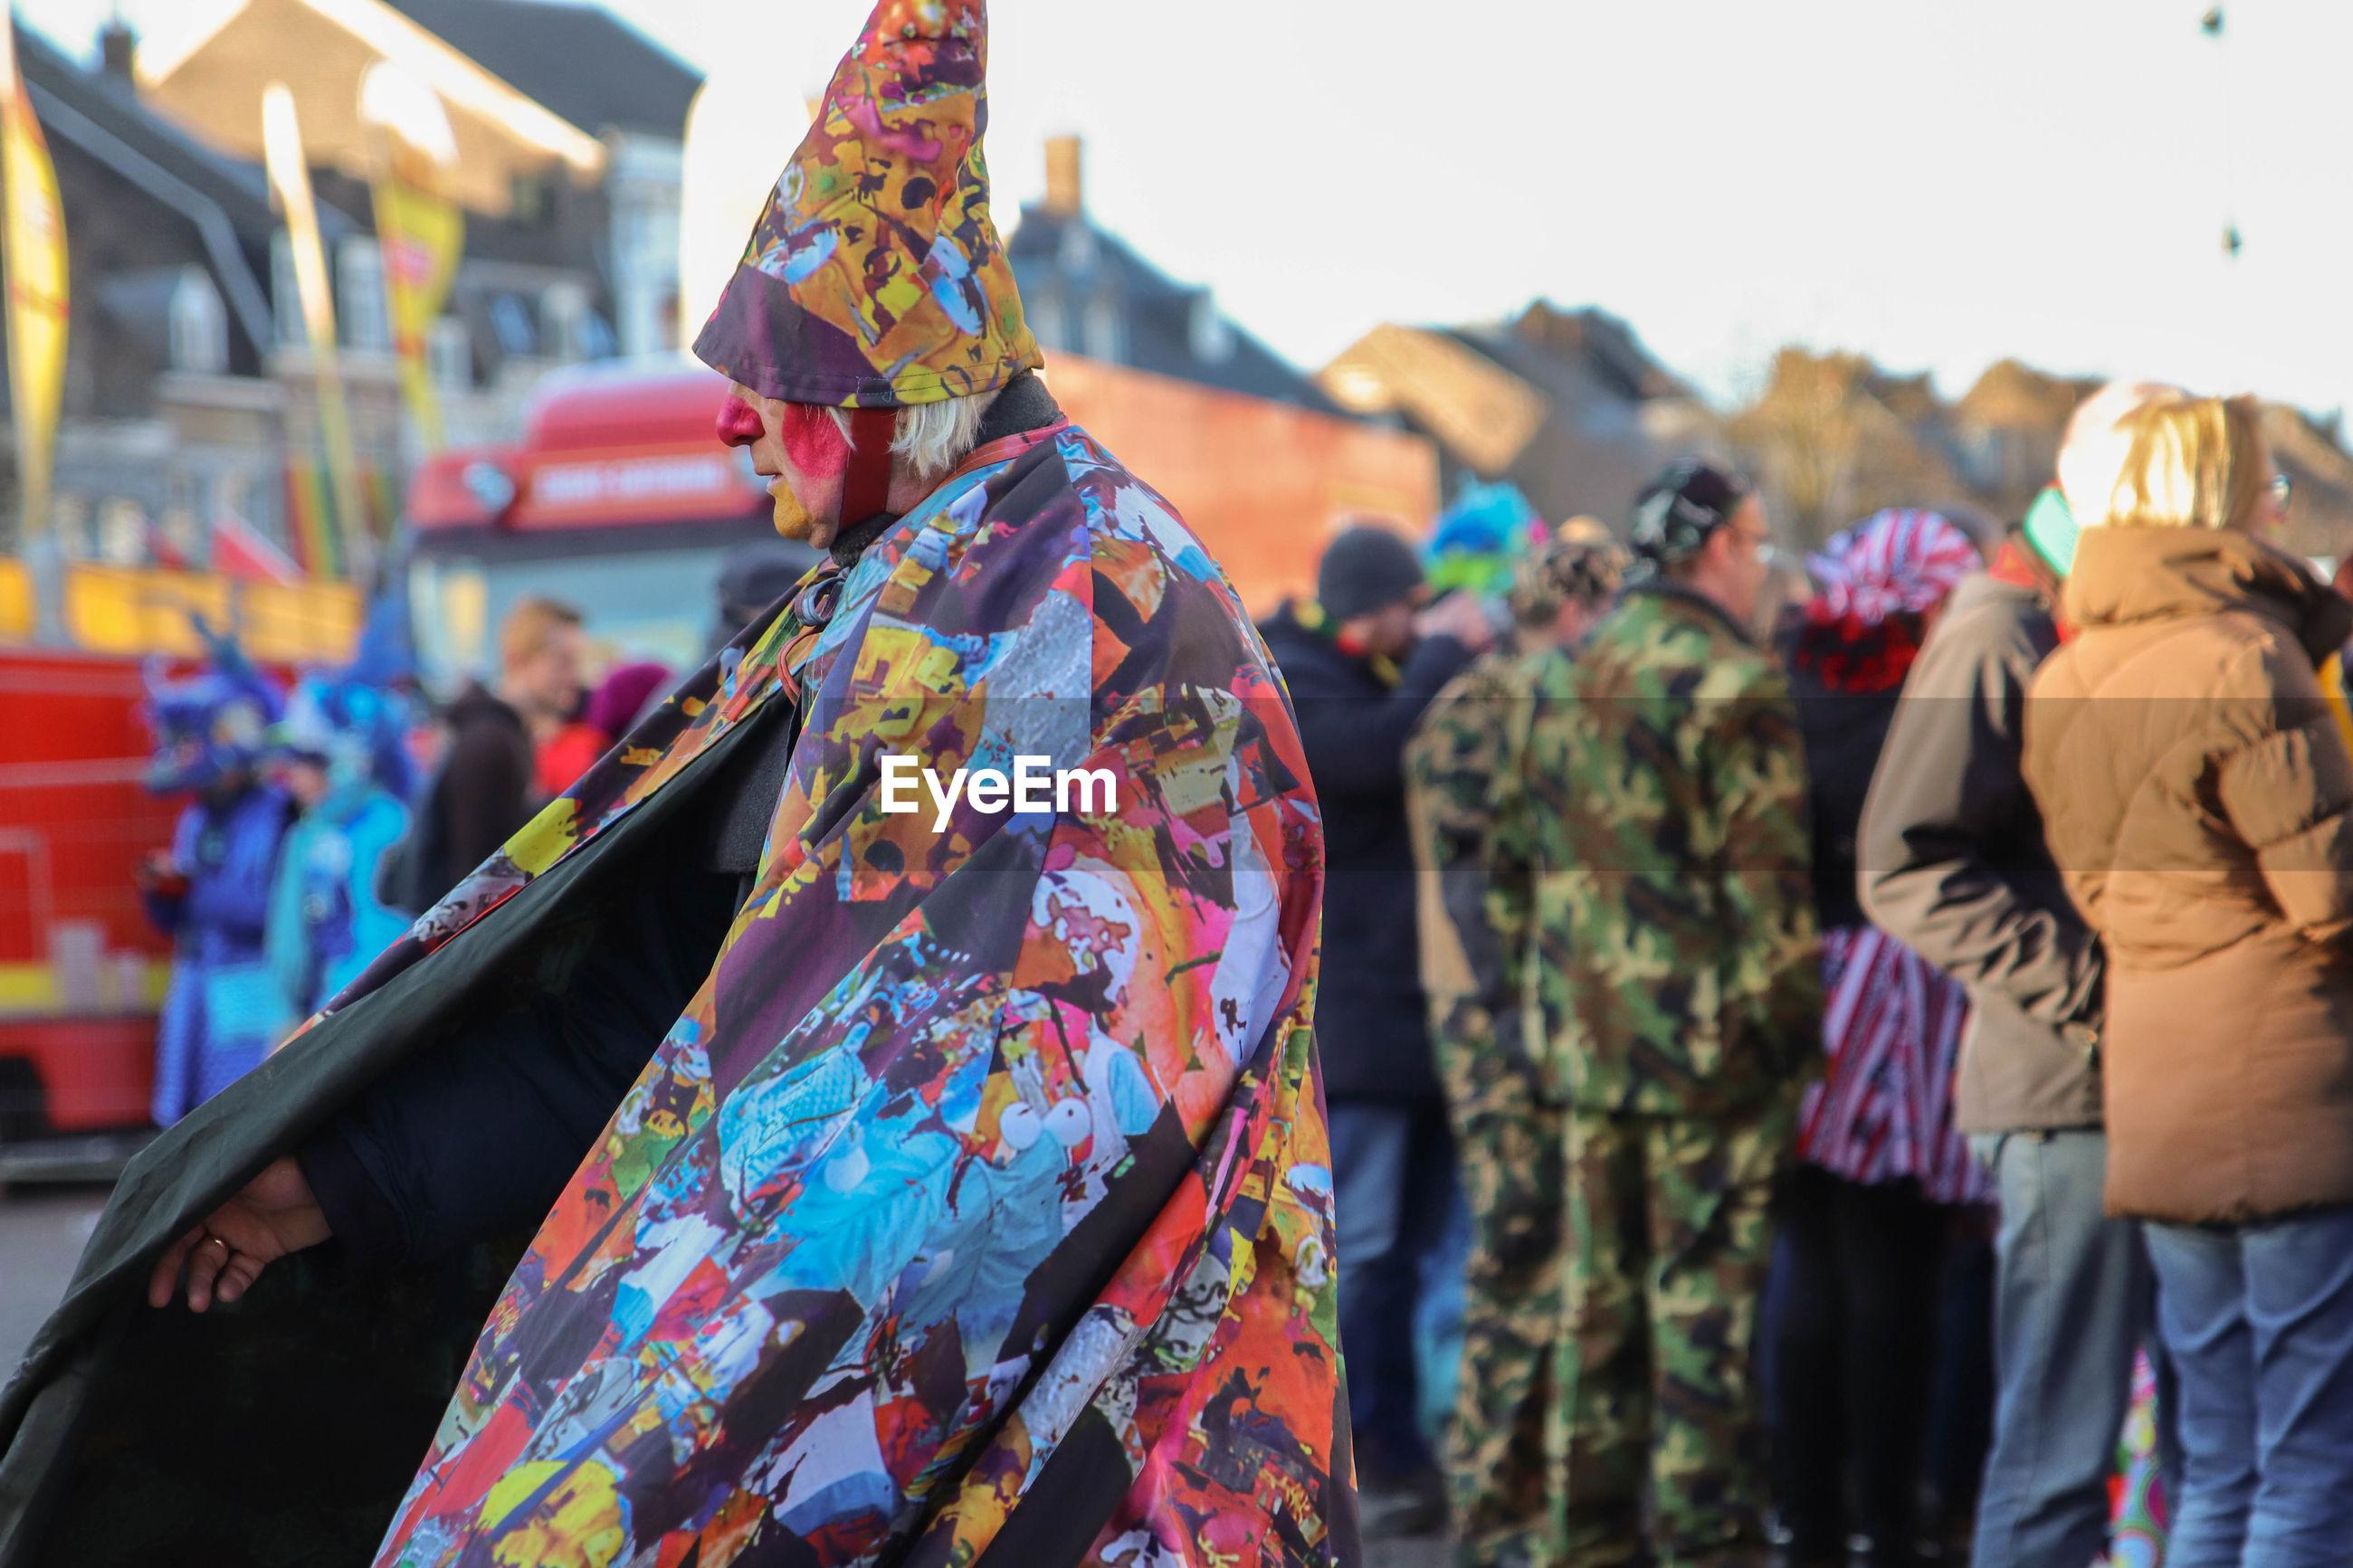 REAR VIEW OF WOMEN STANDING IN STREET